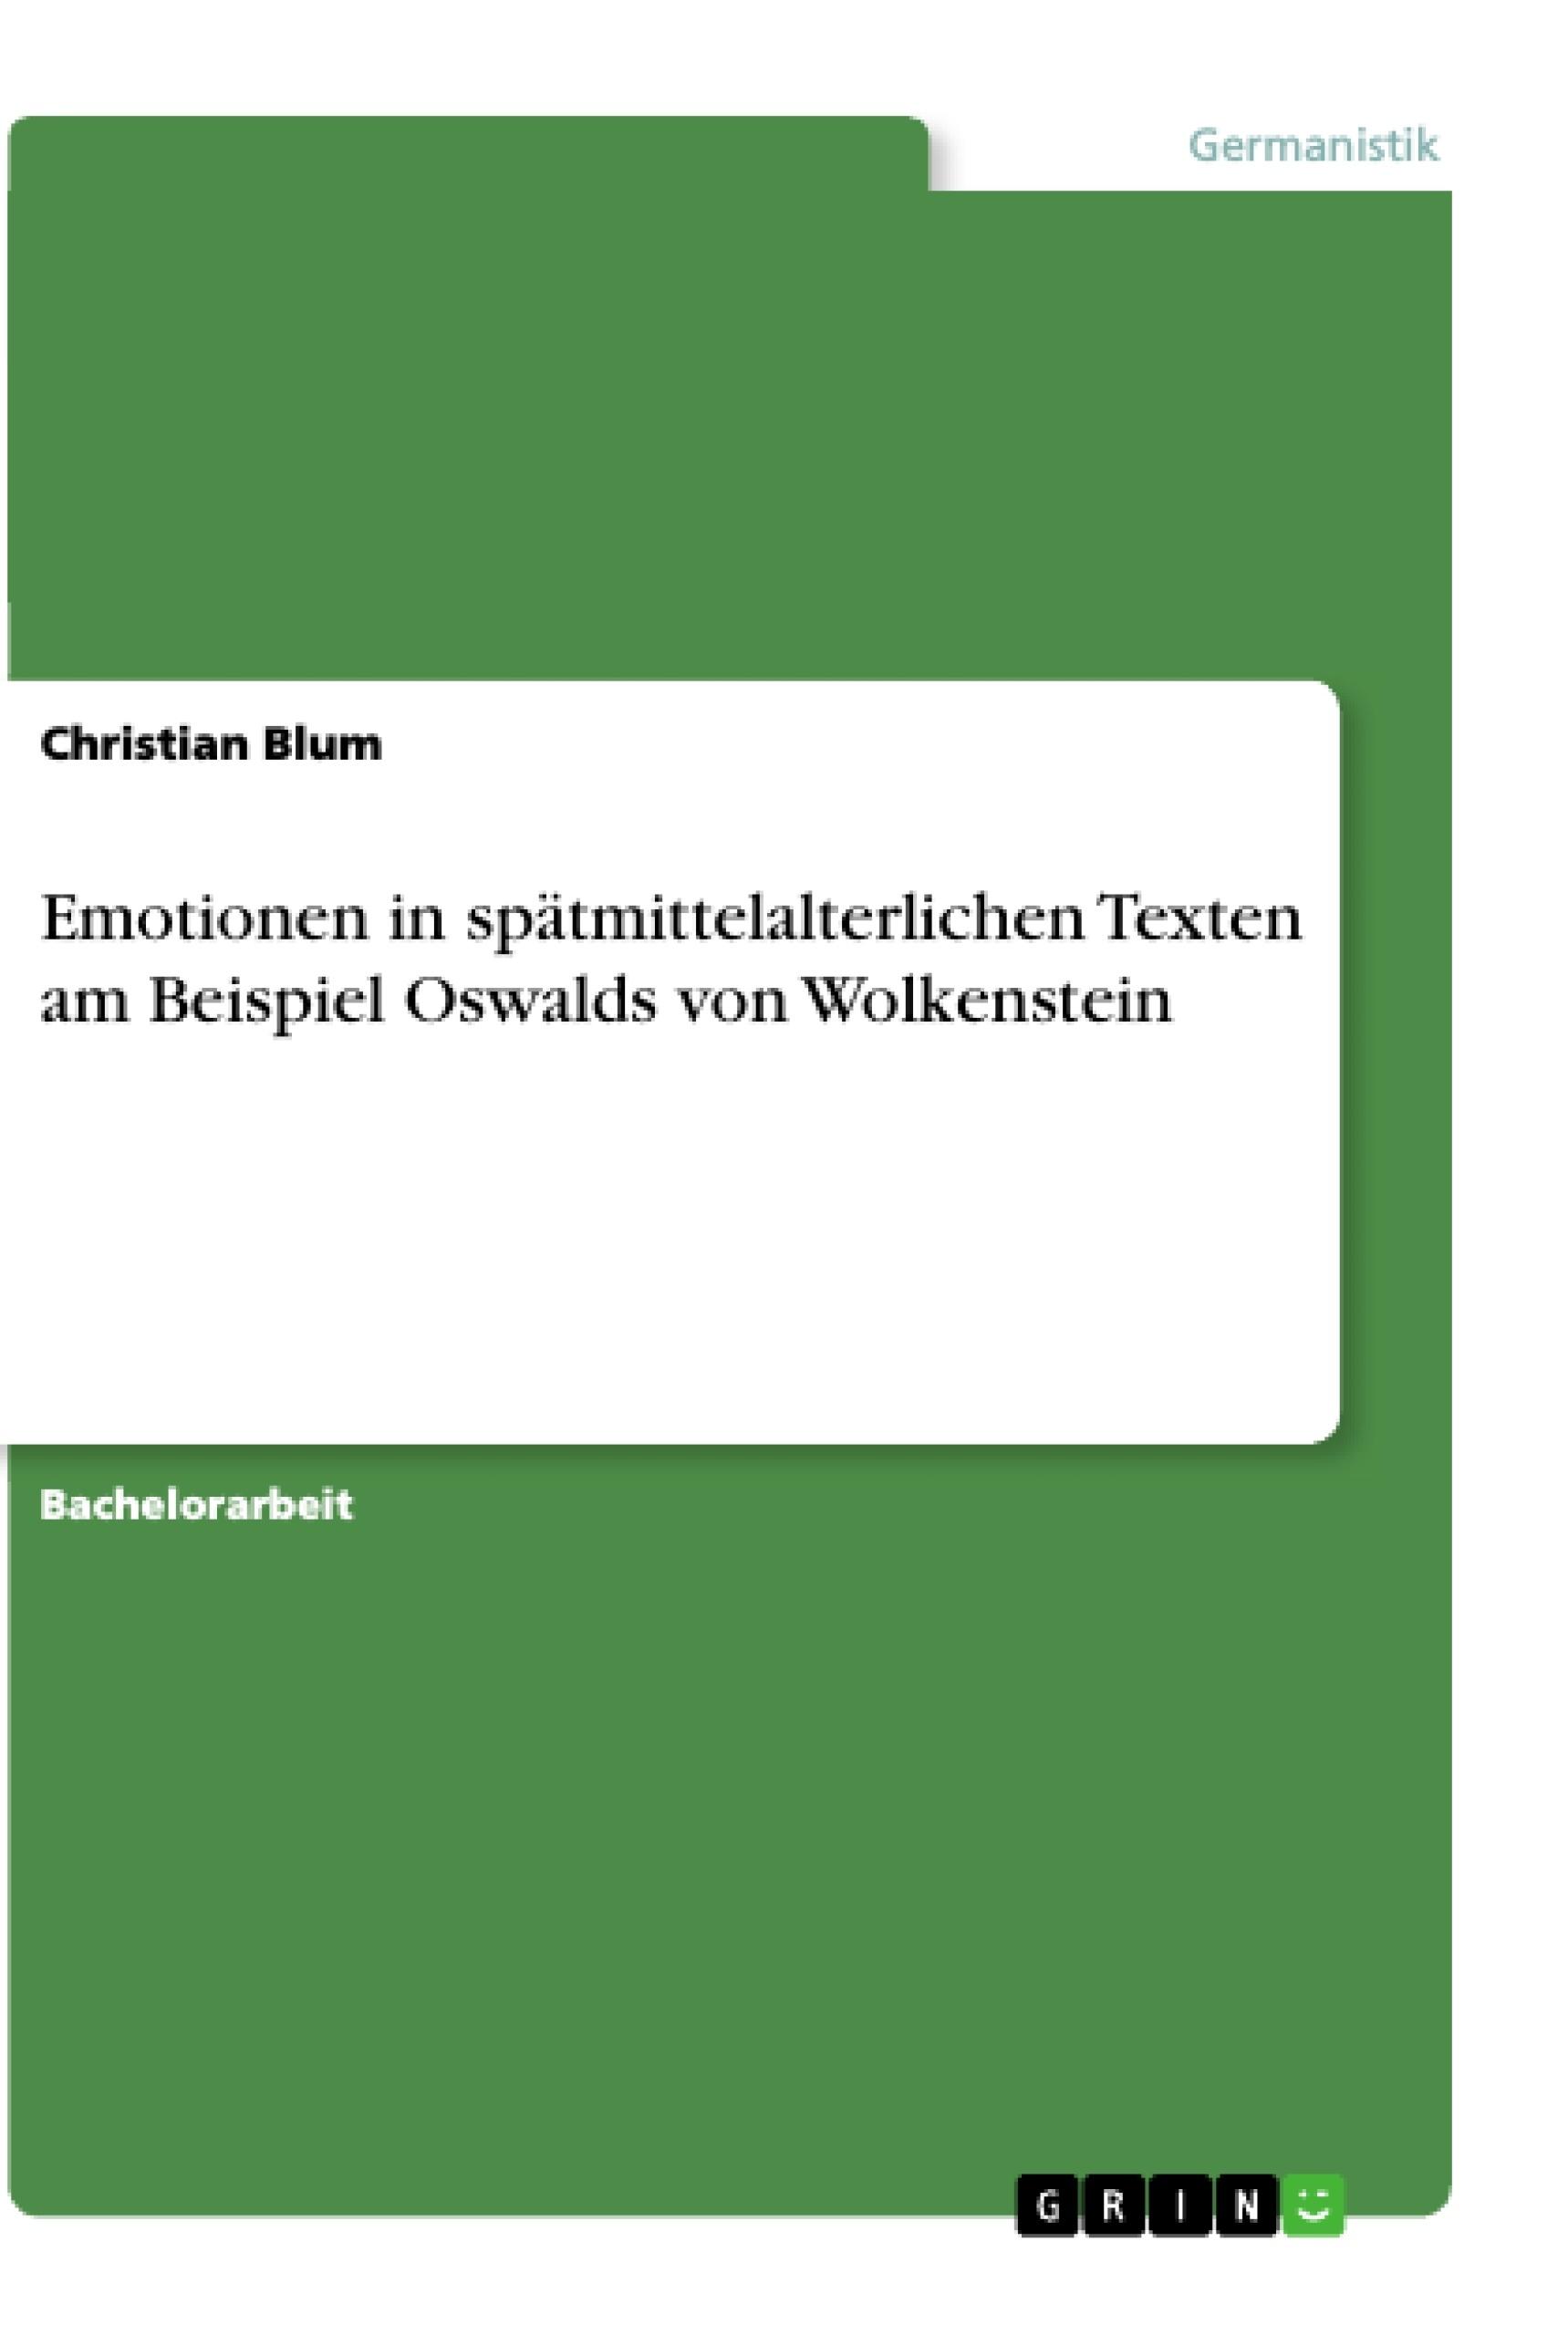 Titel: Emotionen in spätmittelalterlichen Texten am Beispiel Oswalds von Wolkenstein